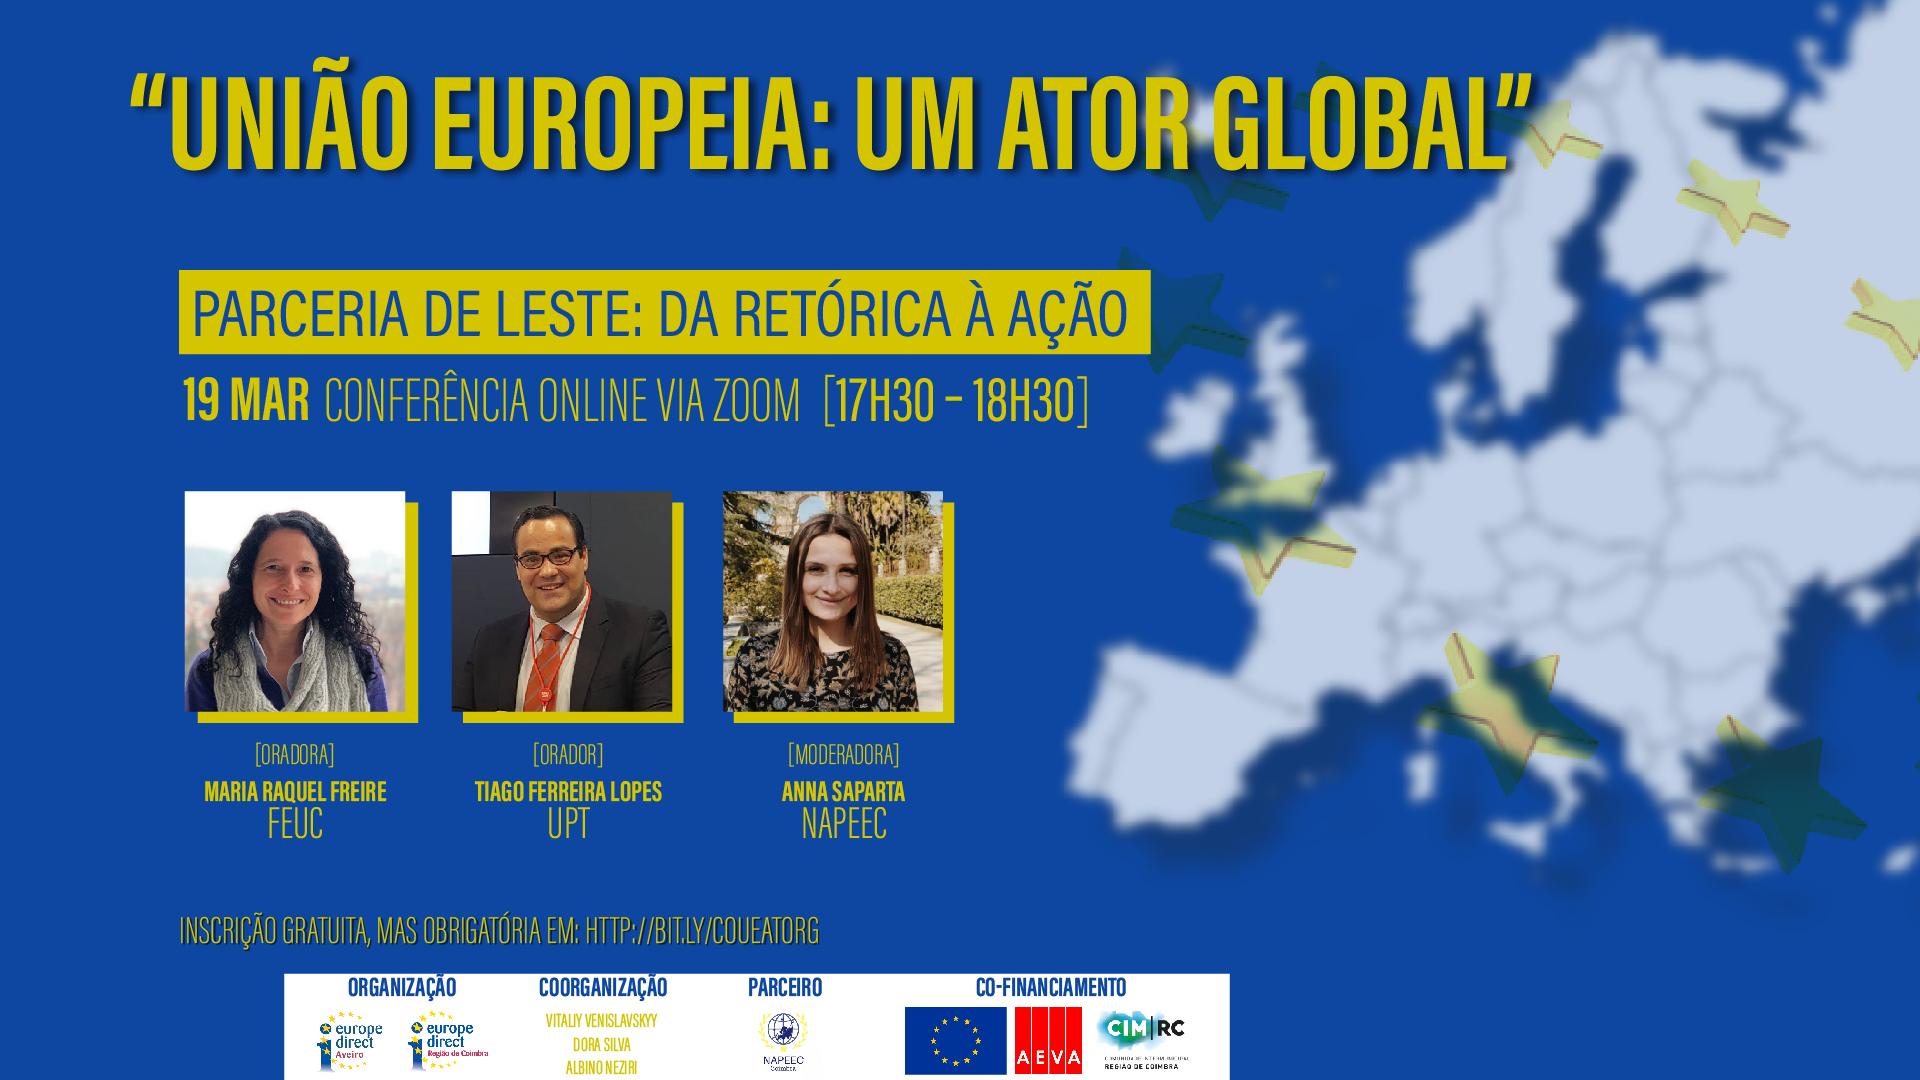 União Europeia: Um Ator Global